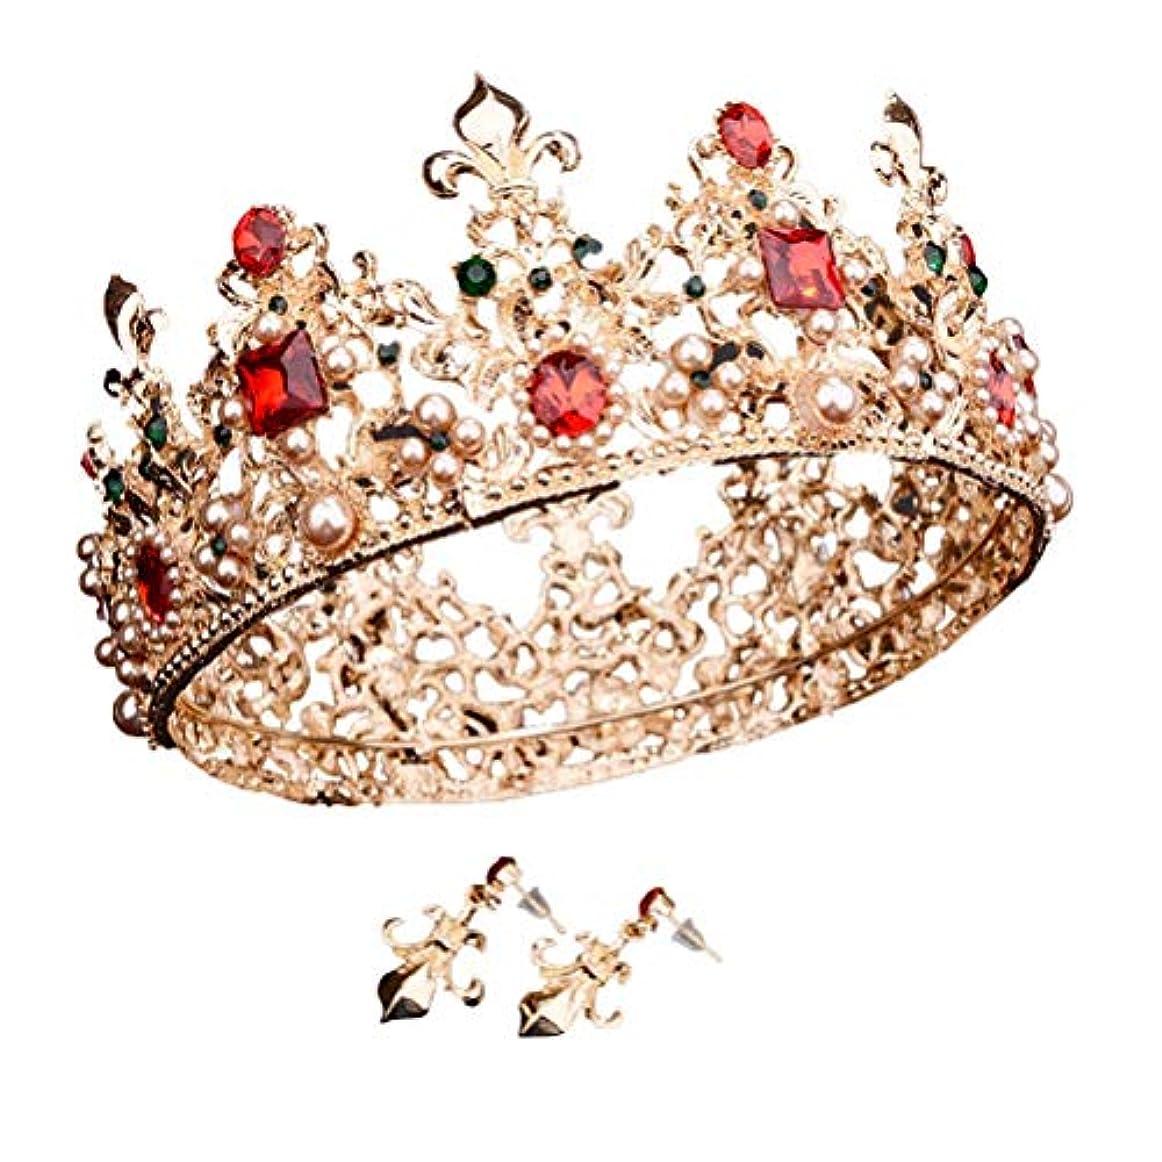 リンケージ圧縮するテンポBeaupretty 女性のためのバロック女王クラウンラインストーンの結婚式の冠とティアライヤリング付きヘアアクセサリー結婚式のかぶと